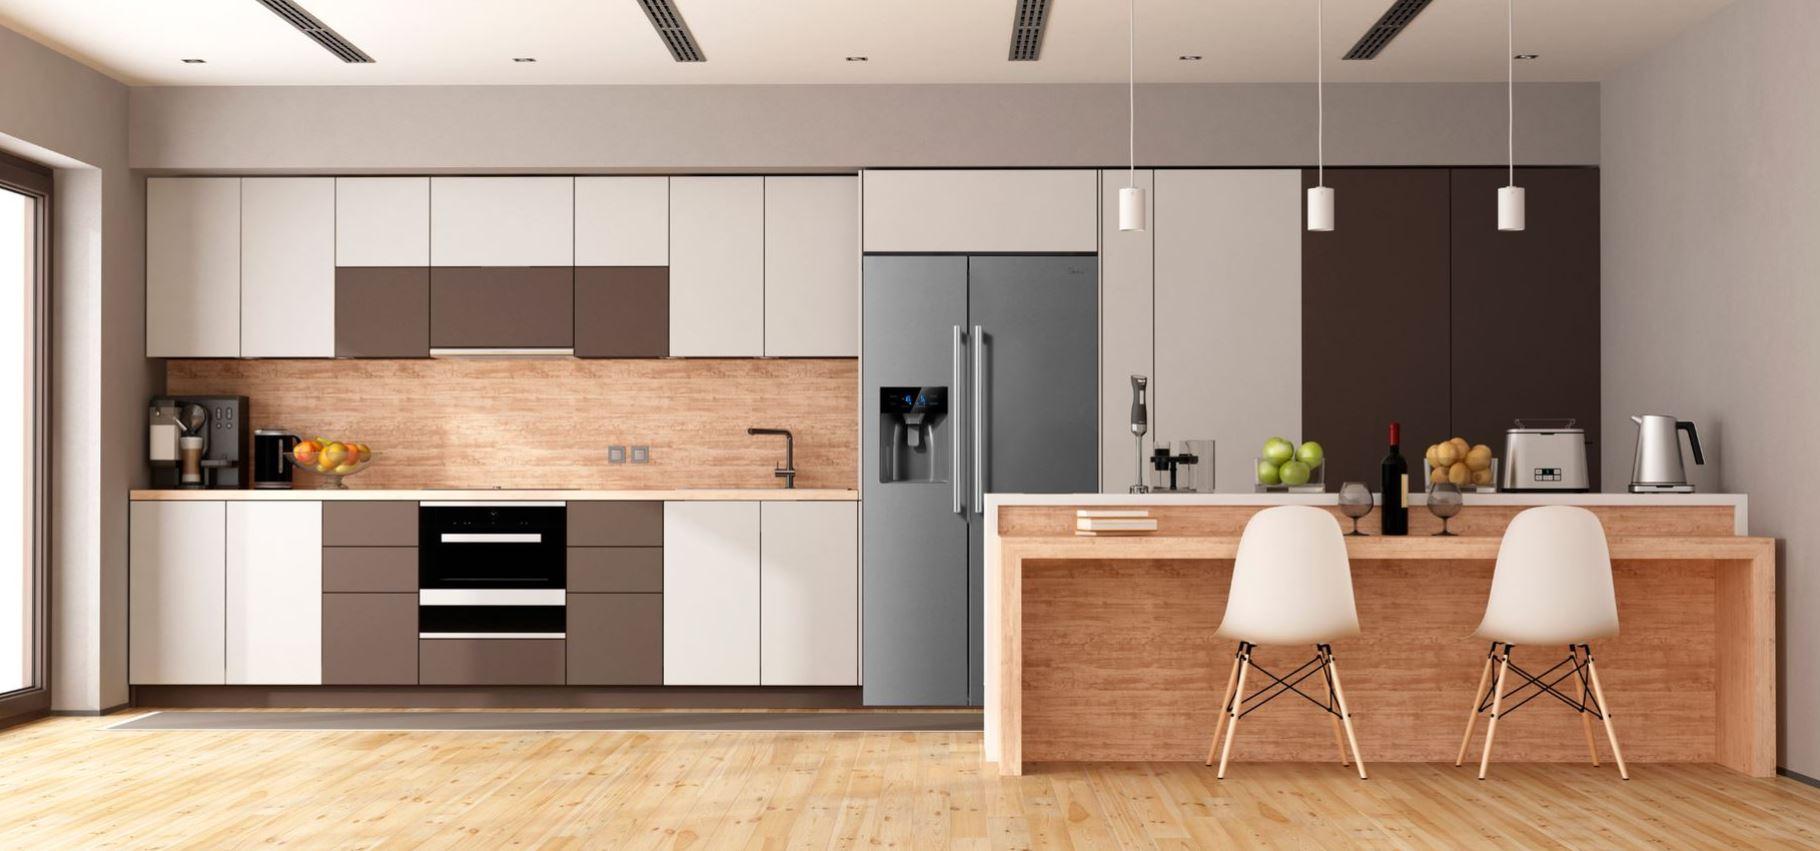 Midea presenta los frigoríficos idóneos para tu hogar